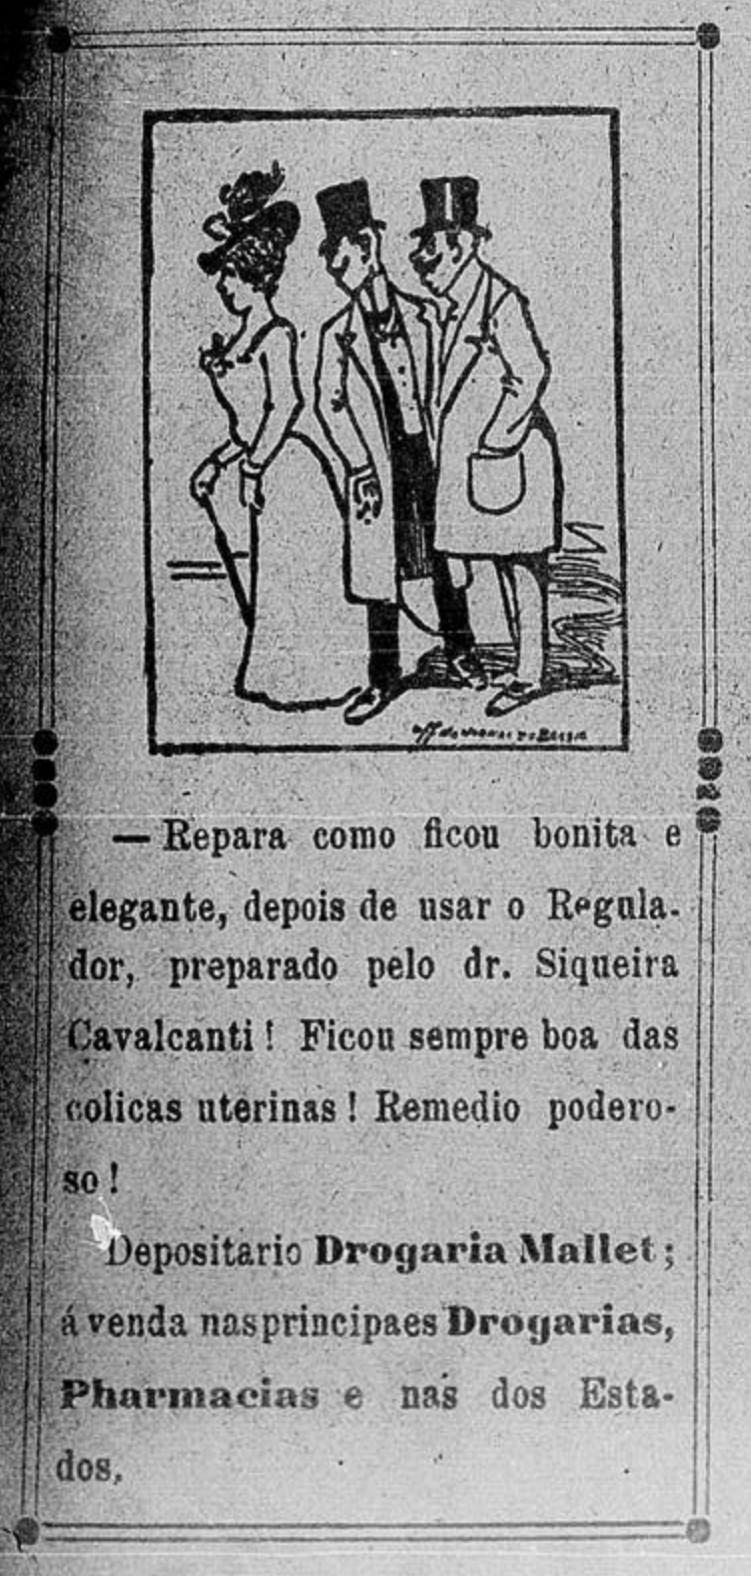 Propaganda veiculada em 1905 promovia um regulador das funções reprodutivas das mulheres